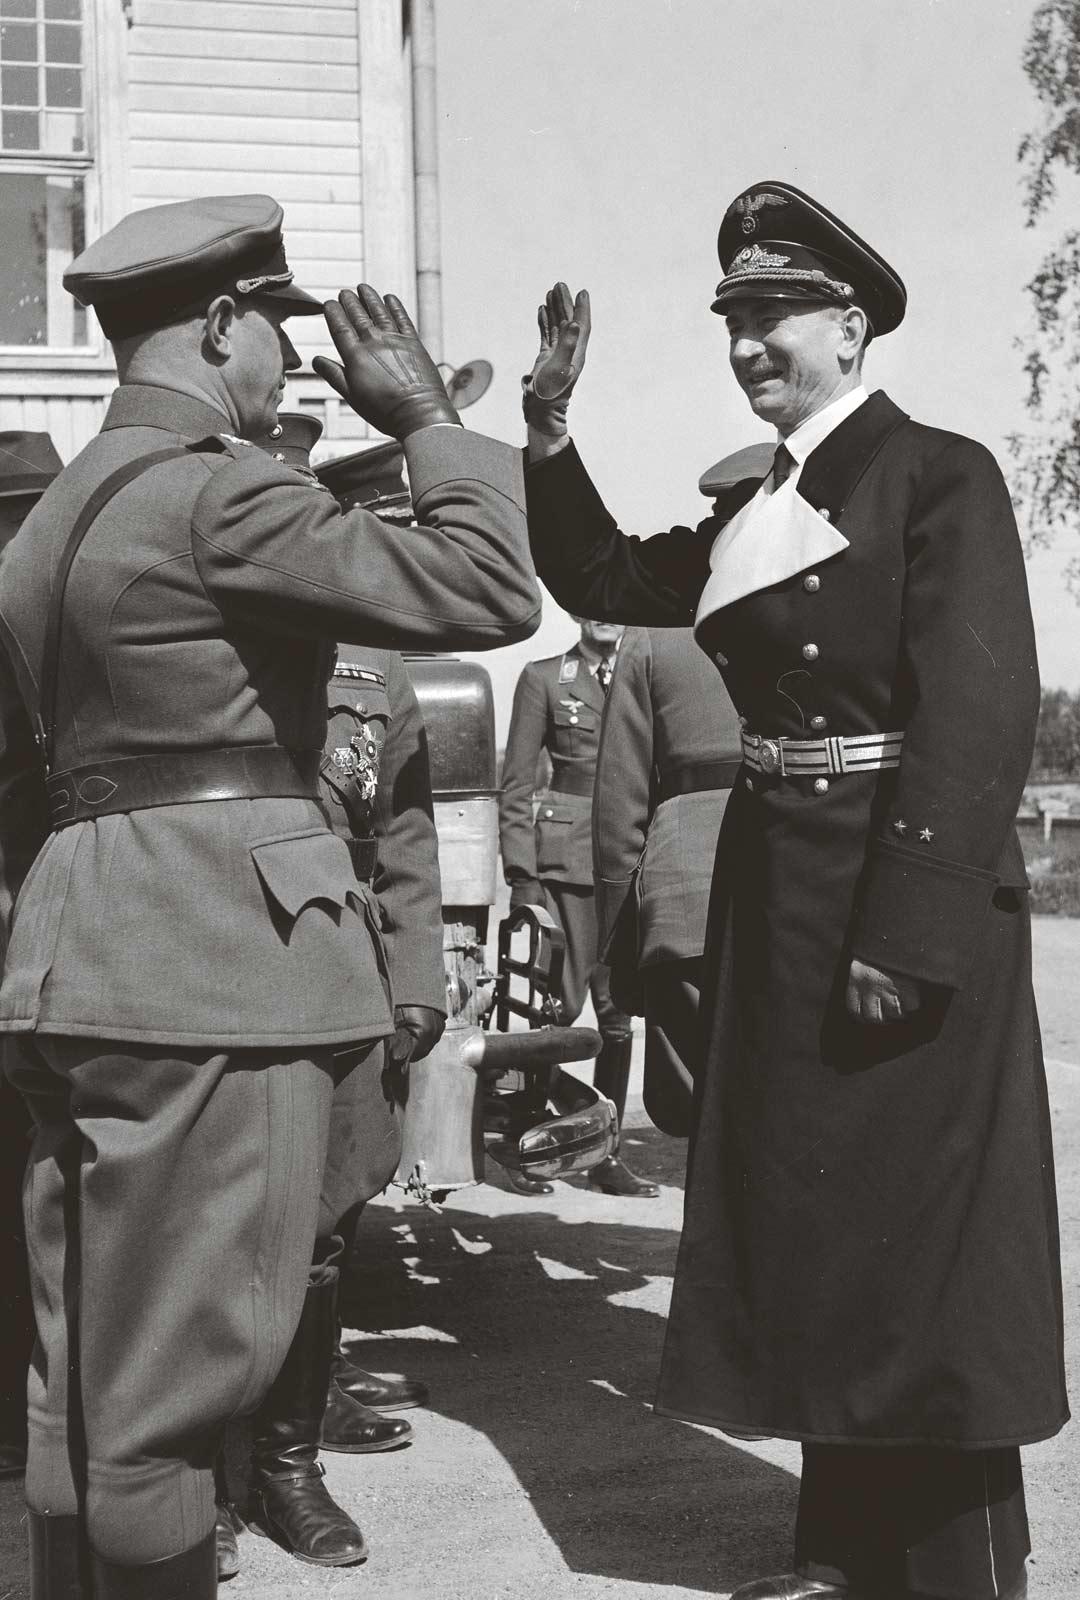 Suomalainen upseeri tervehtii tummapukuista Saksan Suomen-lähettilästä Wipert von Blücheriä.